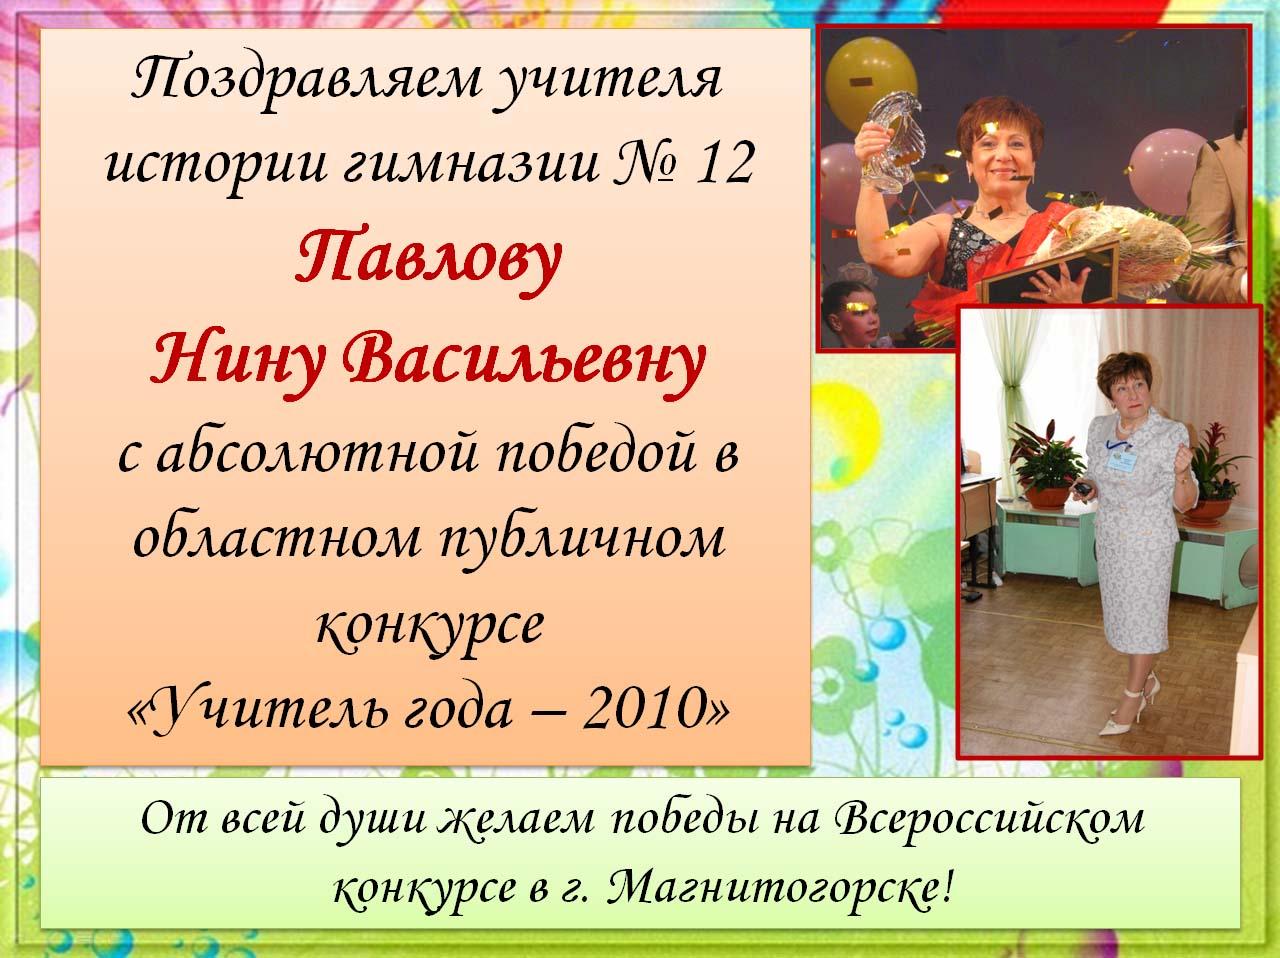 Поздравления учителю с победой в конкурсе учителей